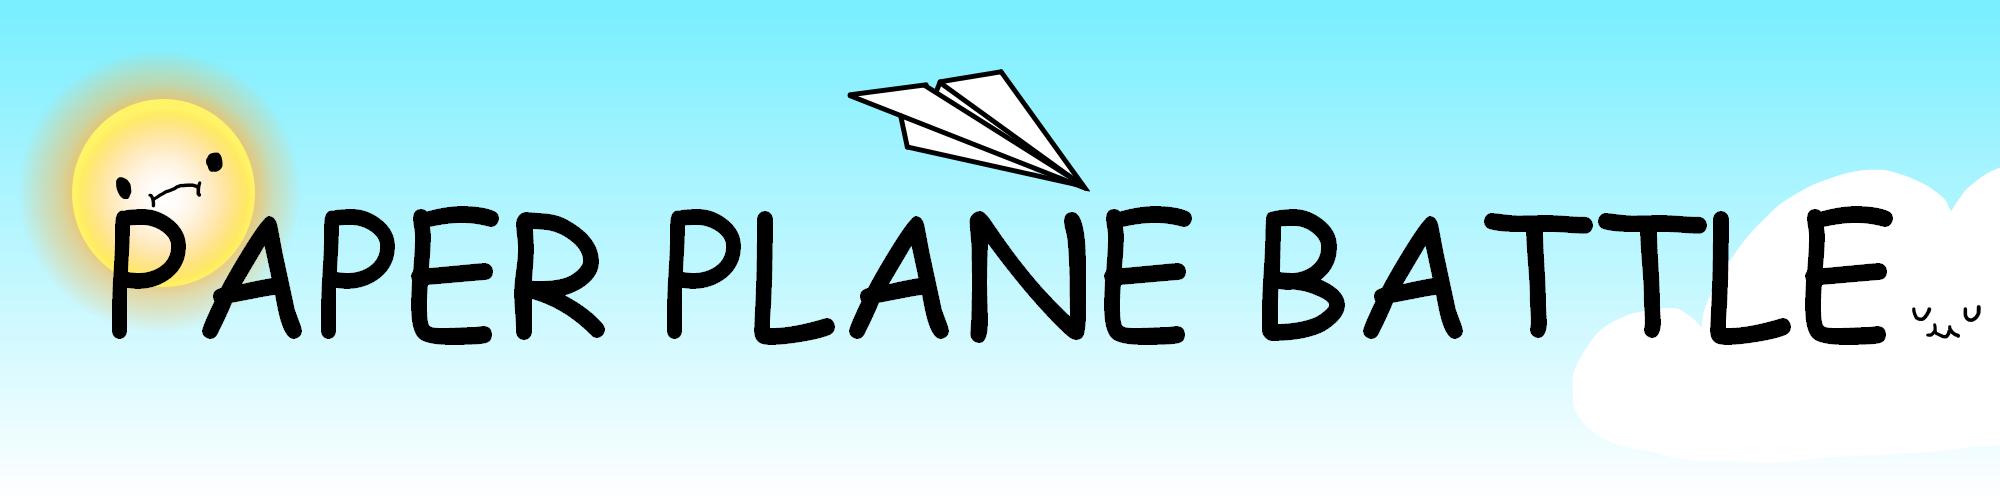 Paper Plane Battle